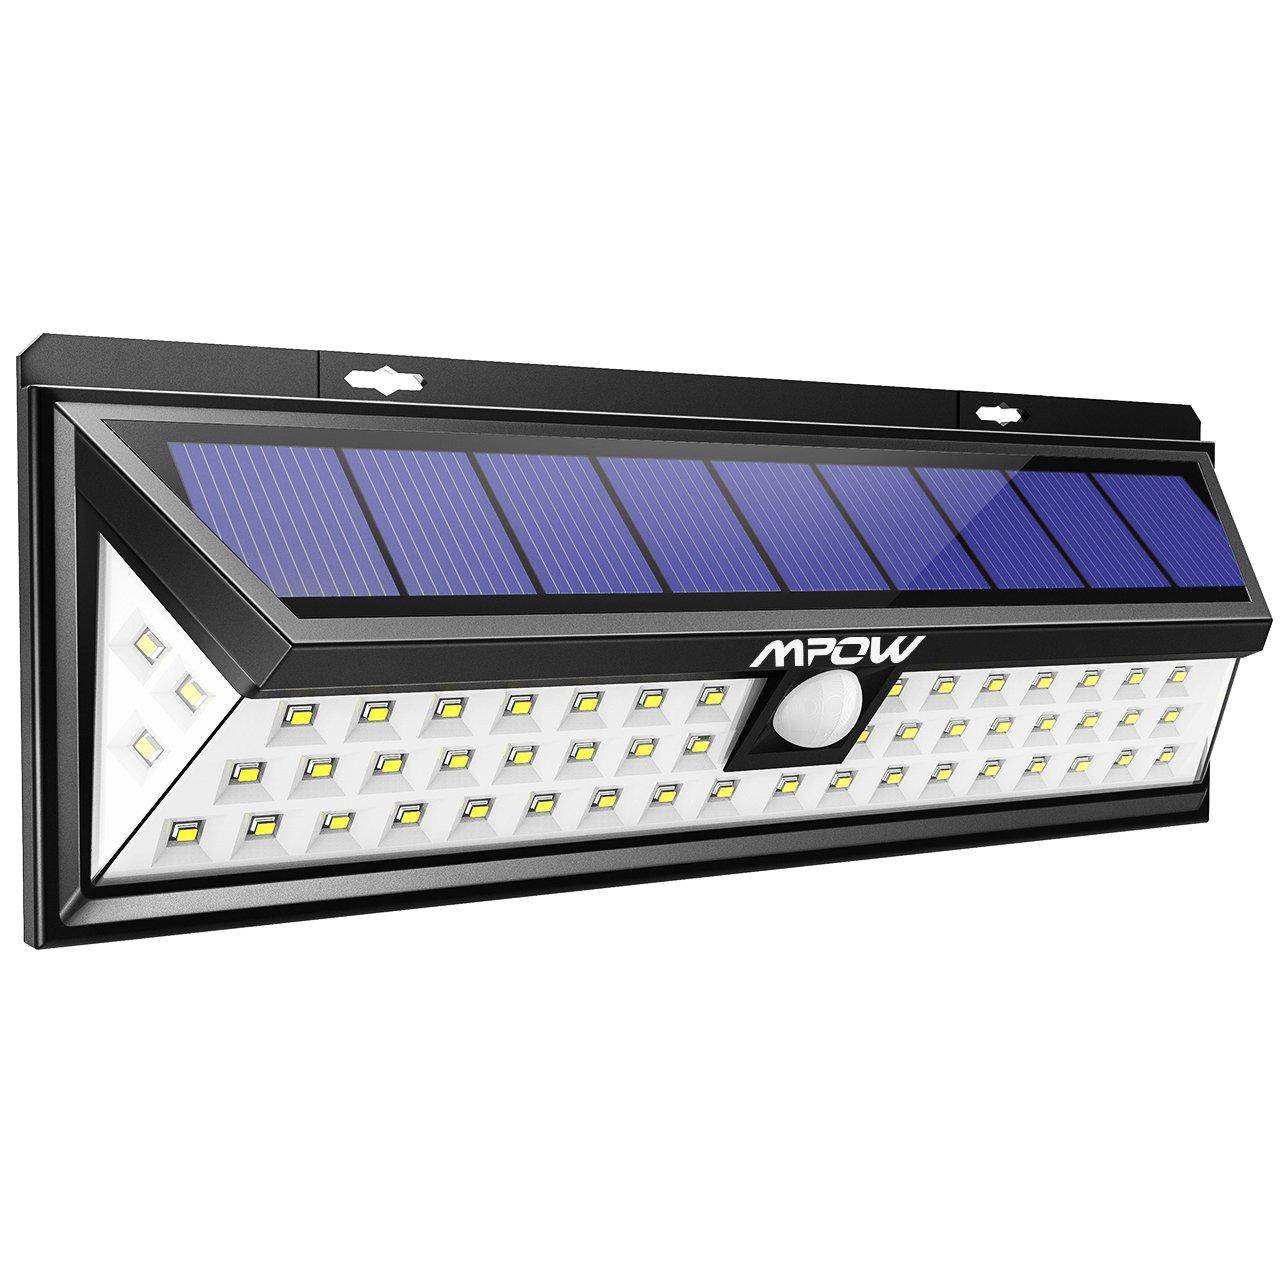 [54 LED] Mpow Lampe solaire extérieure Etanche 1188 lumens Luminaire exterieur/ Eclairage exterieur 270 ° Grand Angle reglable avec détecteur de mouvement et Paneau Solaire pour Pati, jardin, cour, chemin,escaliers, clôture product image